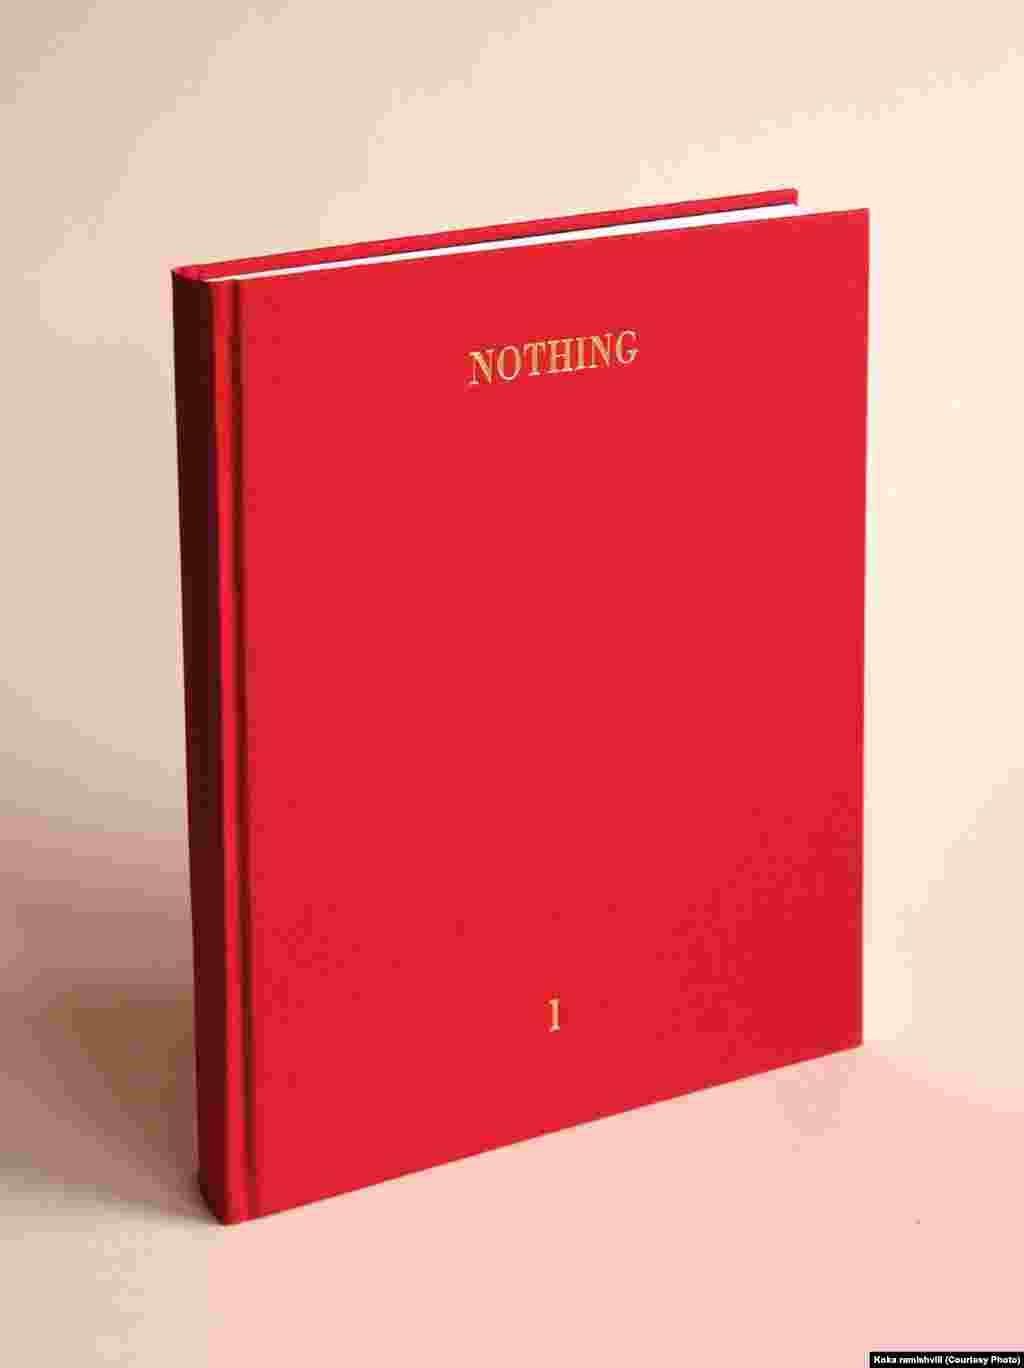 """""""NOTHING"""" 2013 წელი. ქაღალდი, ოქროს ბეჭდვა. ციურიხის """"ჰაუზლერ კონტემპორარის"""" ნებართვით. ფოტო: კოკა რამიშვილისა"""